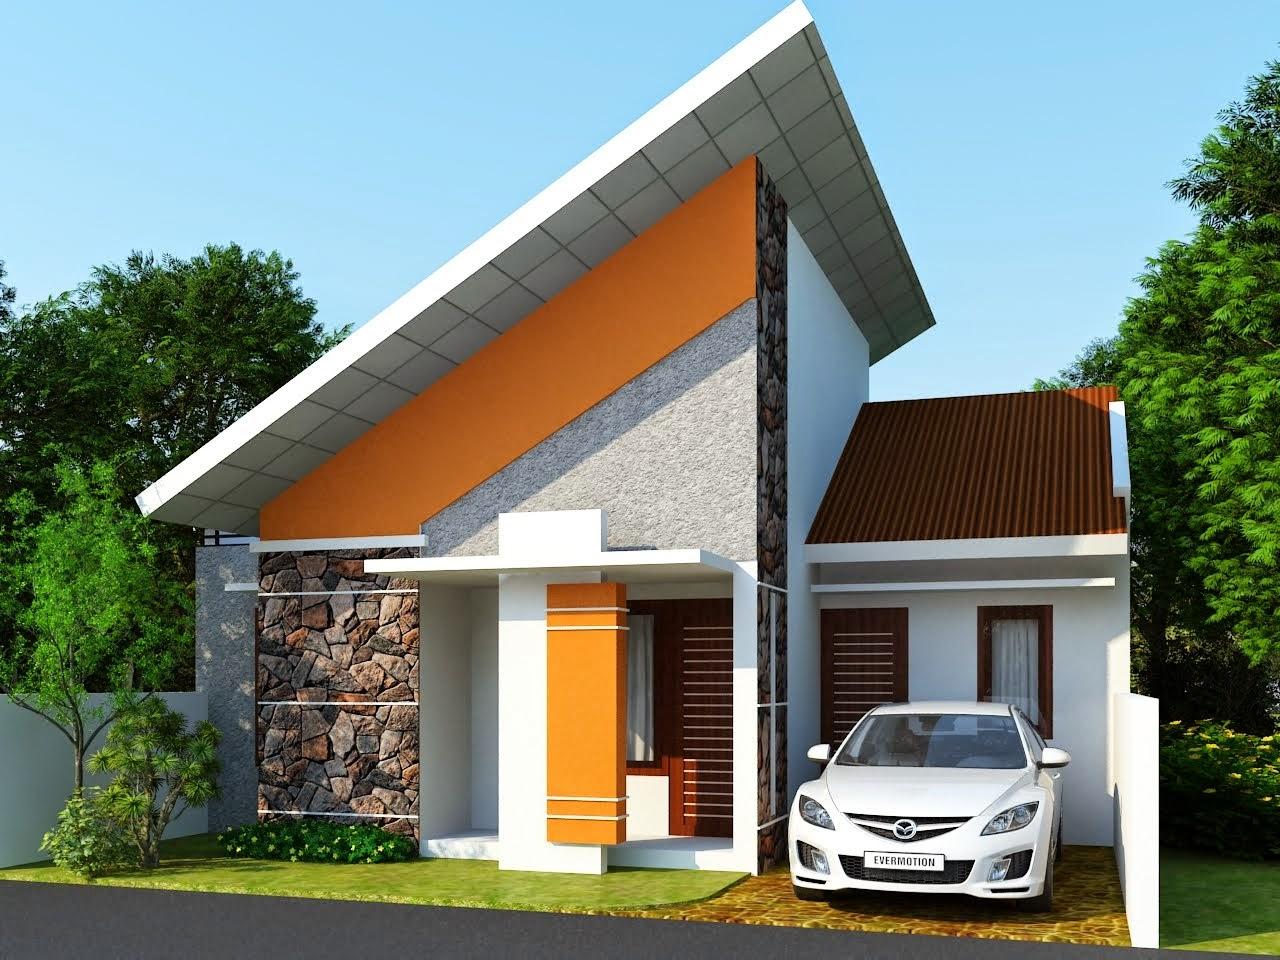 68 Desain Rumah Minimalis Hemat Biaya | Desain Rumah Minimalis Terbaru